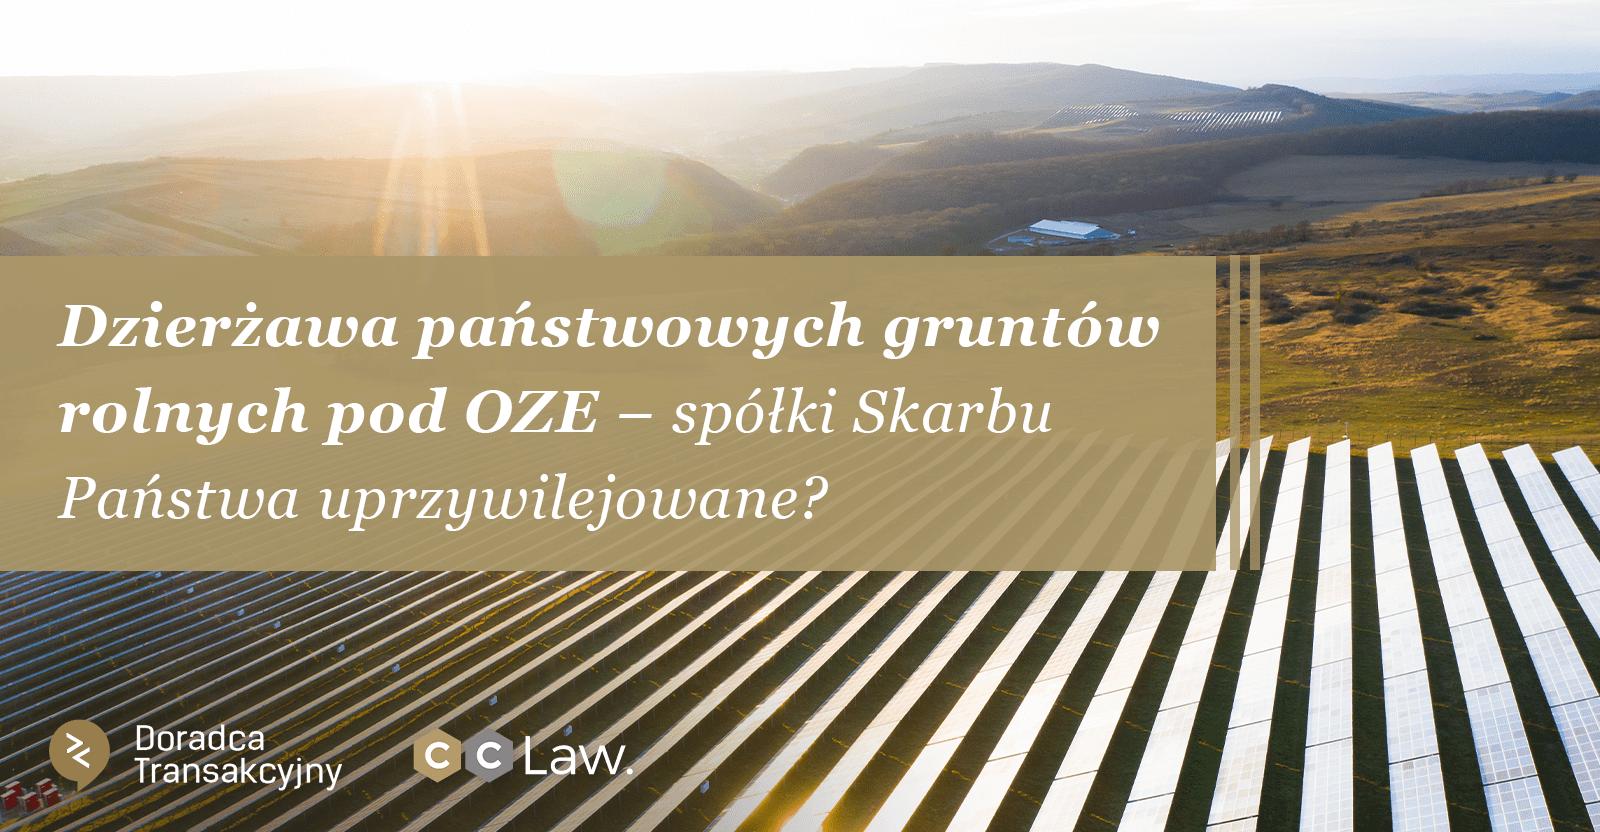 Dzierżawa państwowych gruntów rolnych pod OZE – spółki Skarbu Państwa uprzywilejowane